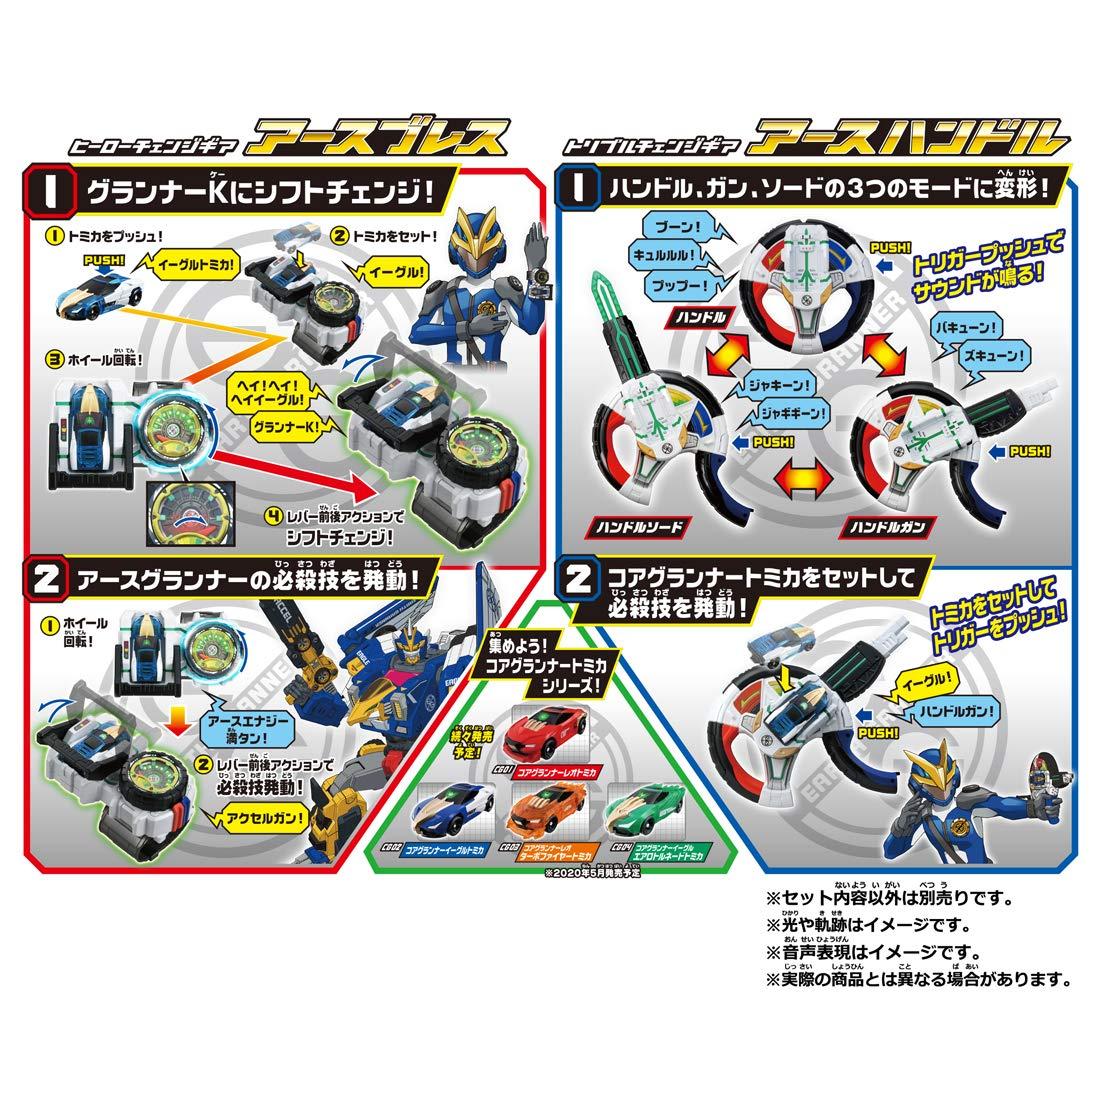 トミカ絆合体 アースグランナー『アースブレス&アースハンドル シフトチェンジDXセット』変身なりきり-003